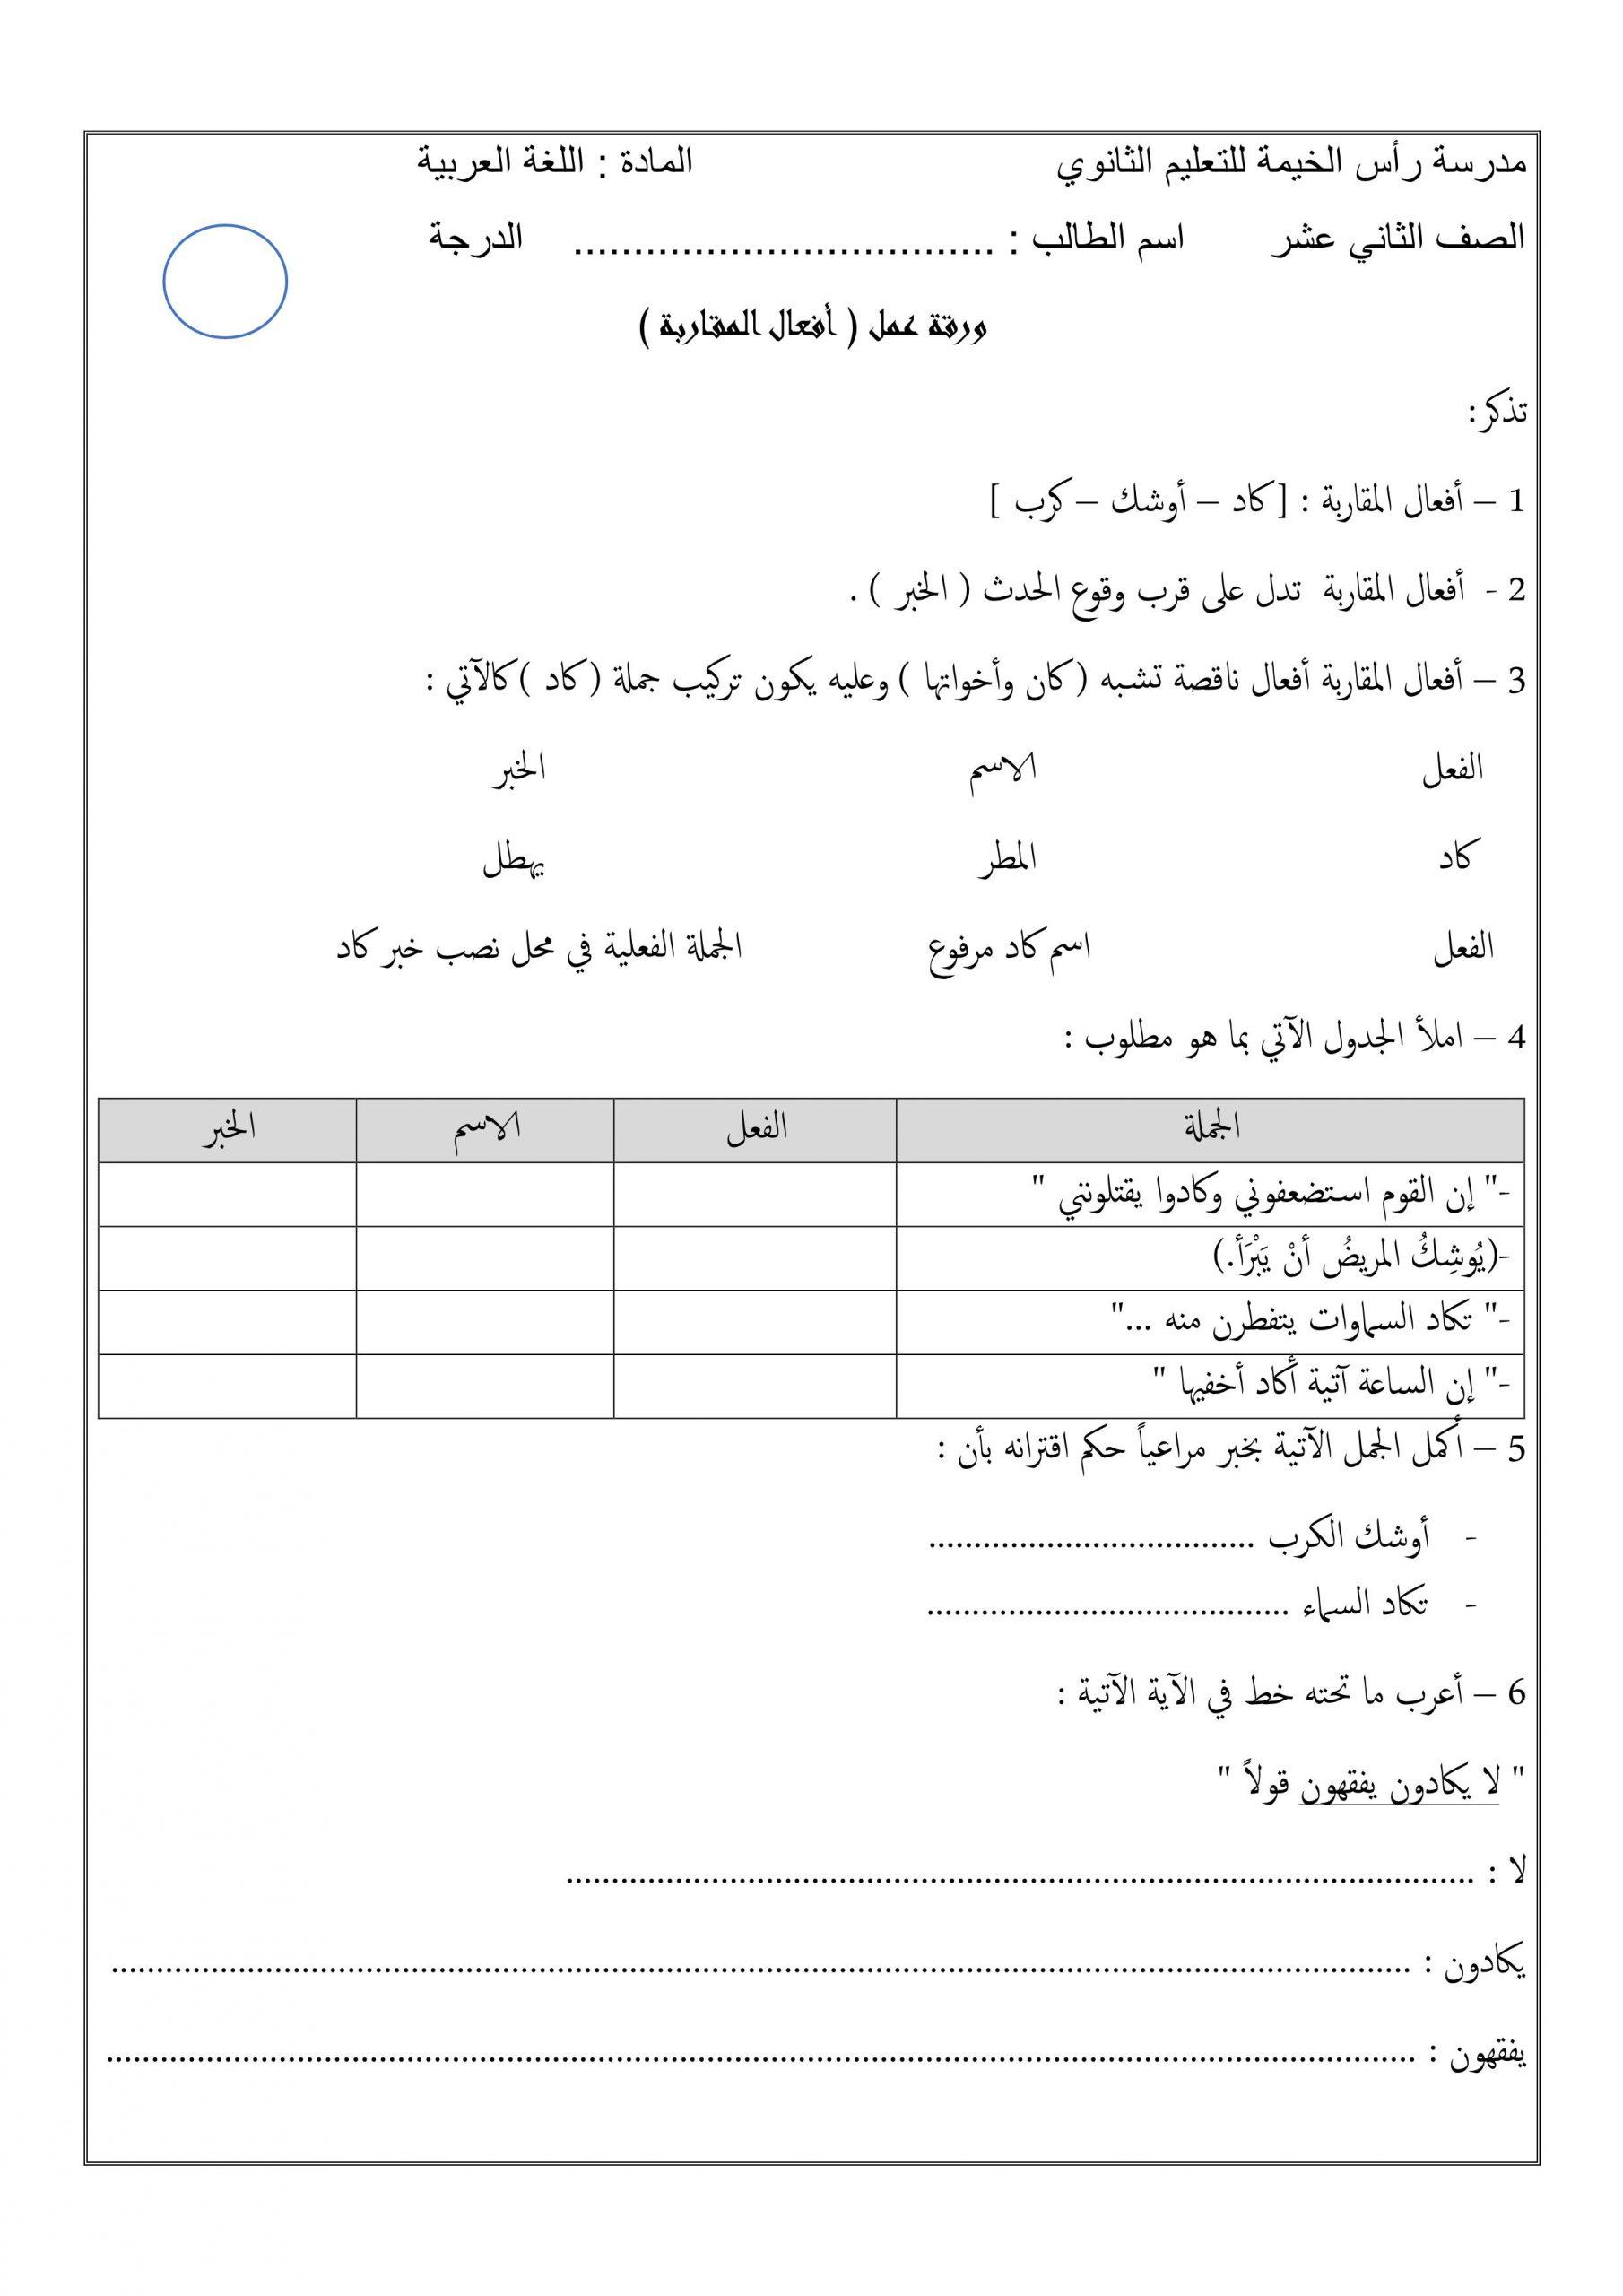 ورقة عمل افعال المقارنة الصف الثاني عشر مادة اللغة العربية